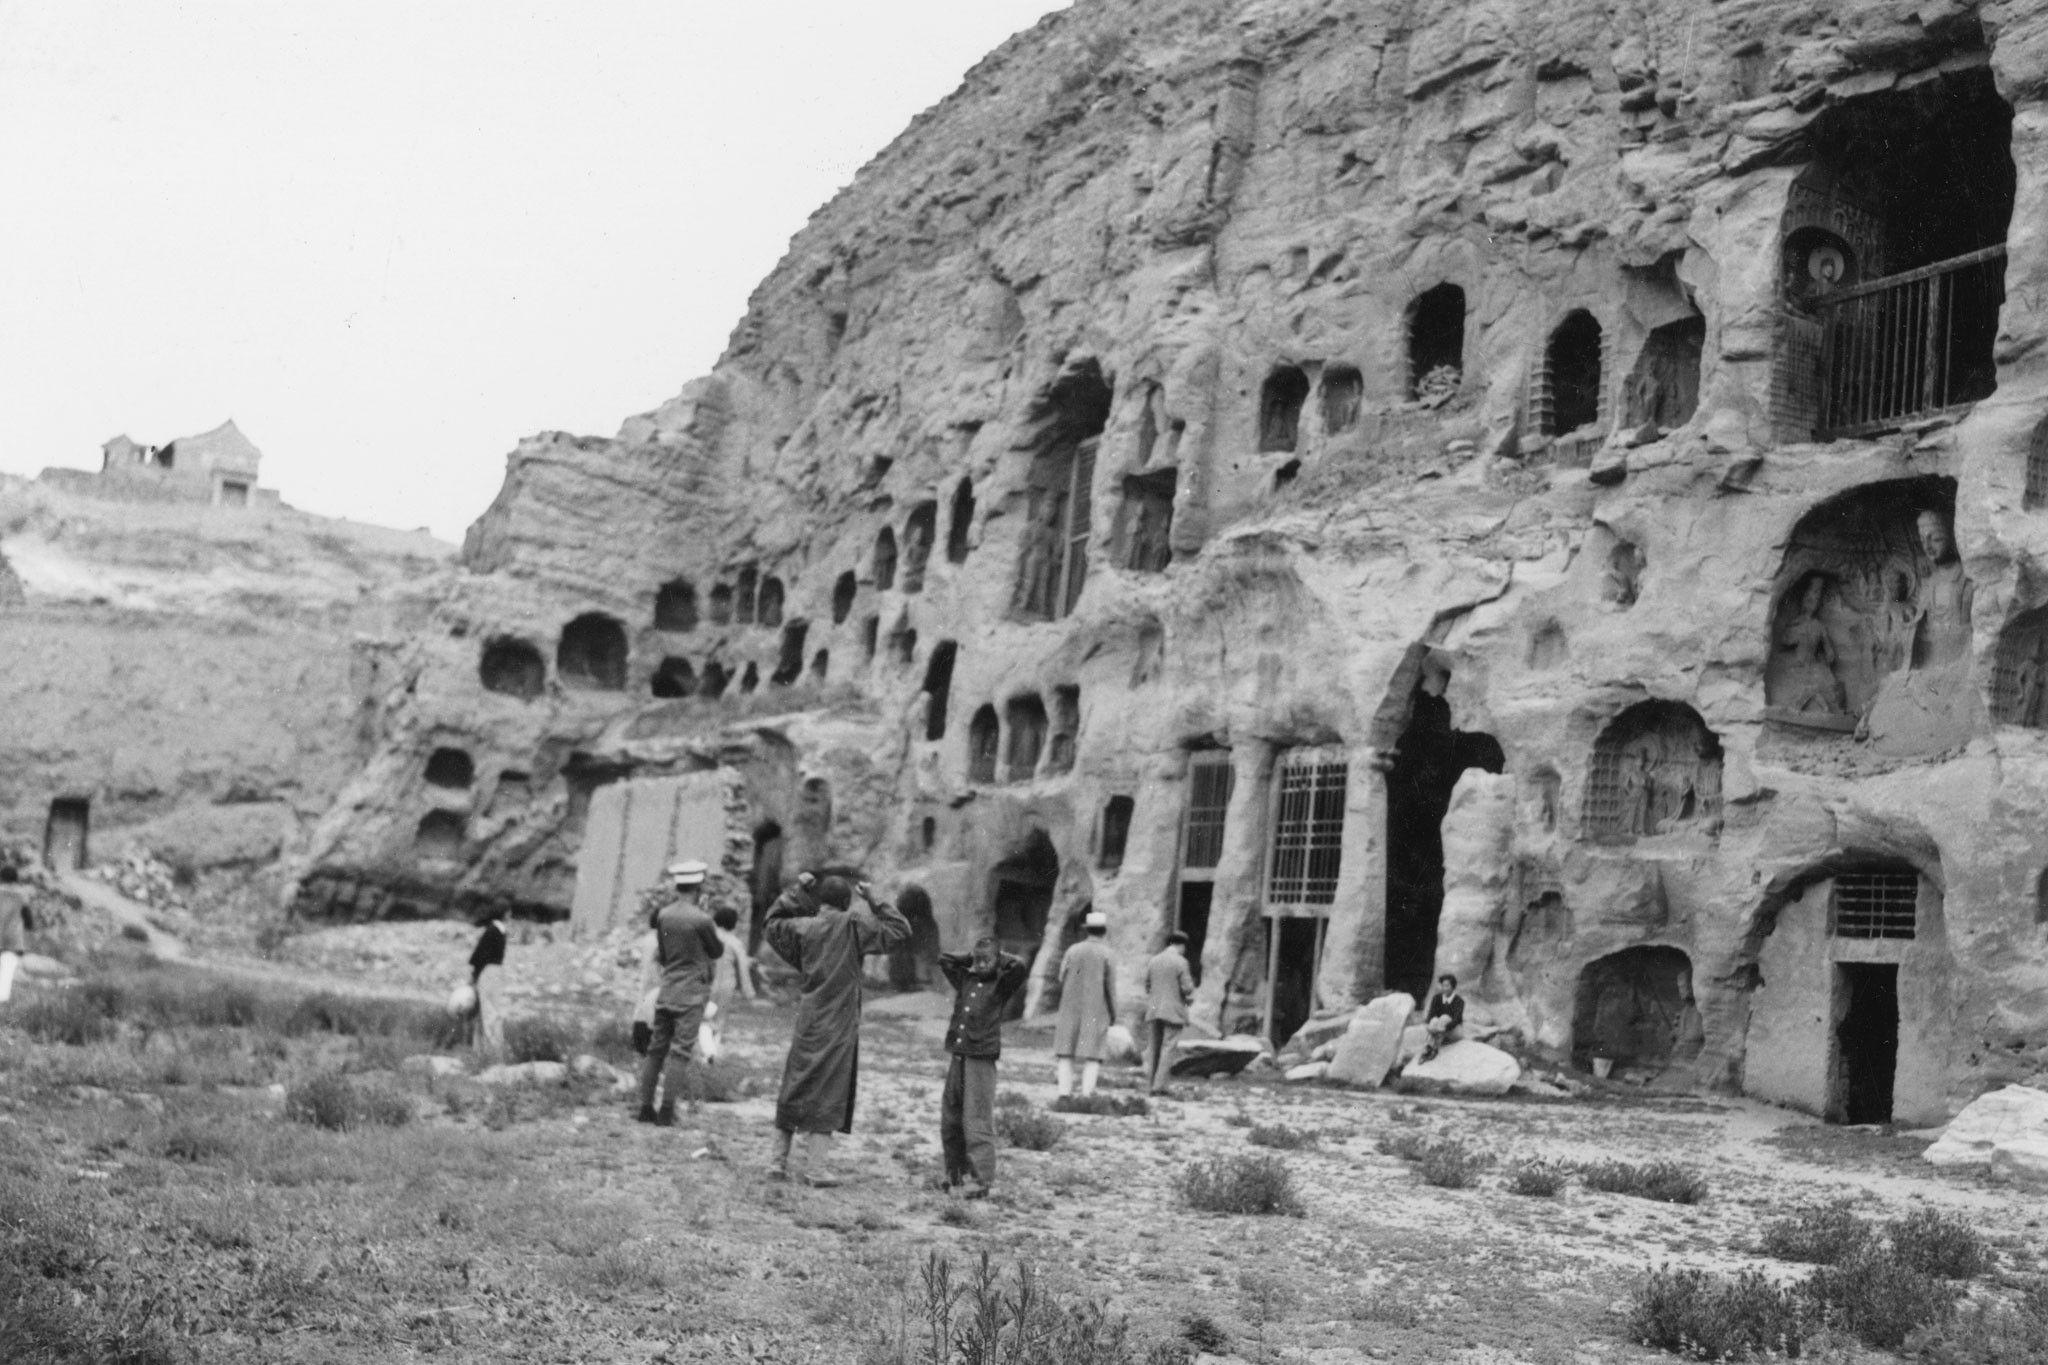 Veja fotos antigas de moradias em cavernas ao redor do mundo   National Geographic